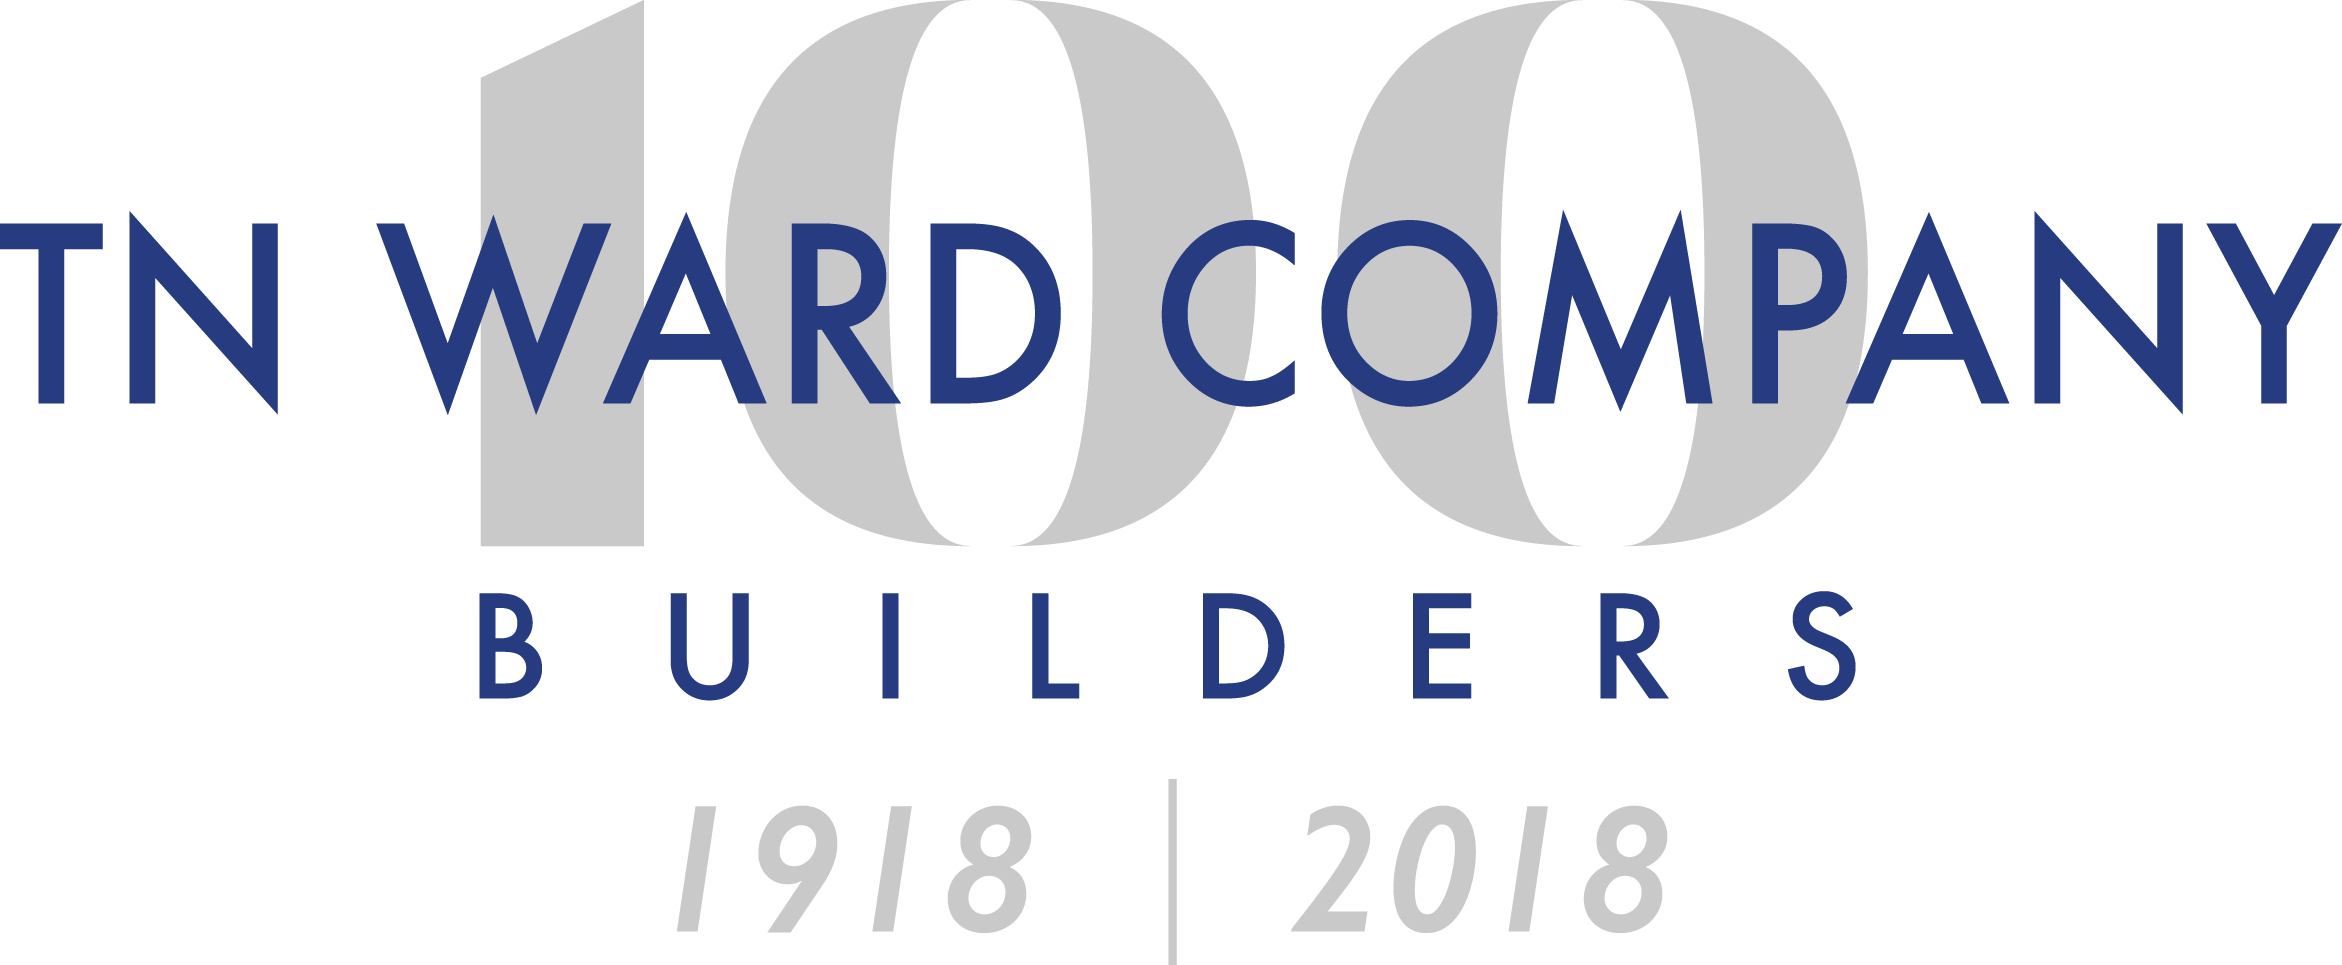 TN Ward Company-logo